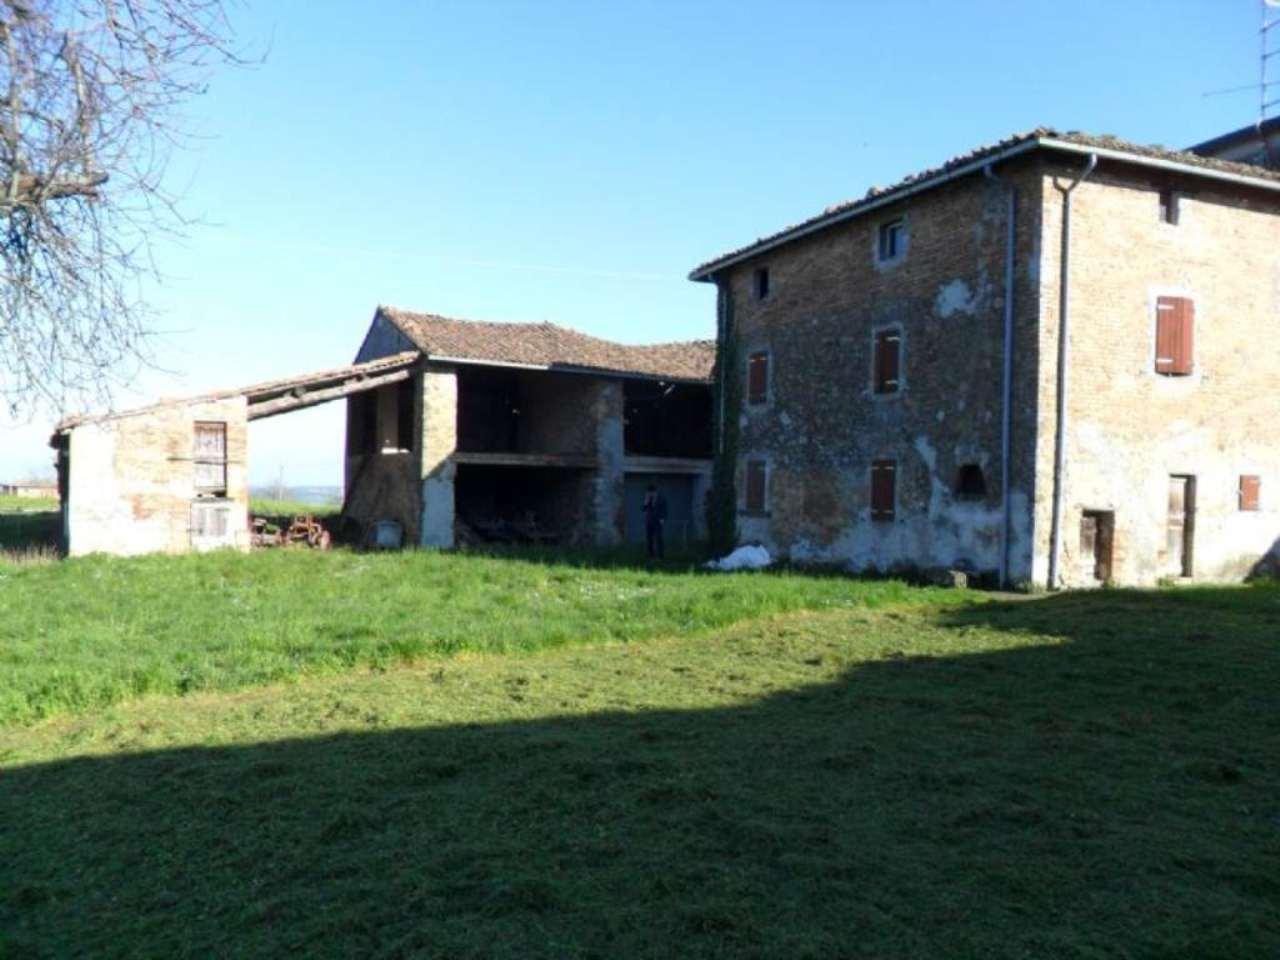 Rustico / Casale in vendita a Medesano, 8 locali, prezzo € 110.000 | Cambio Casa.it